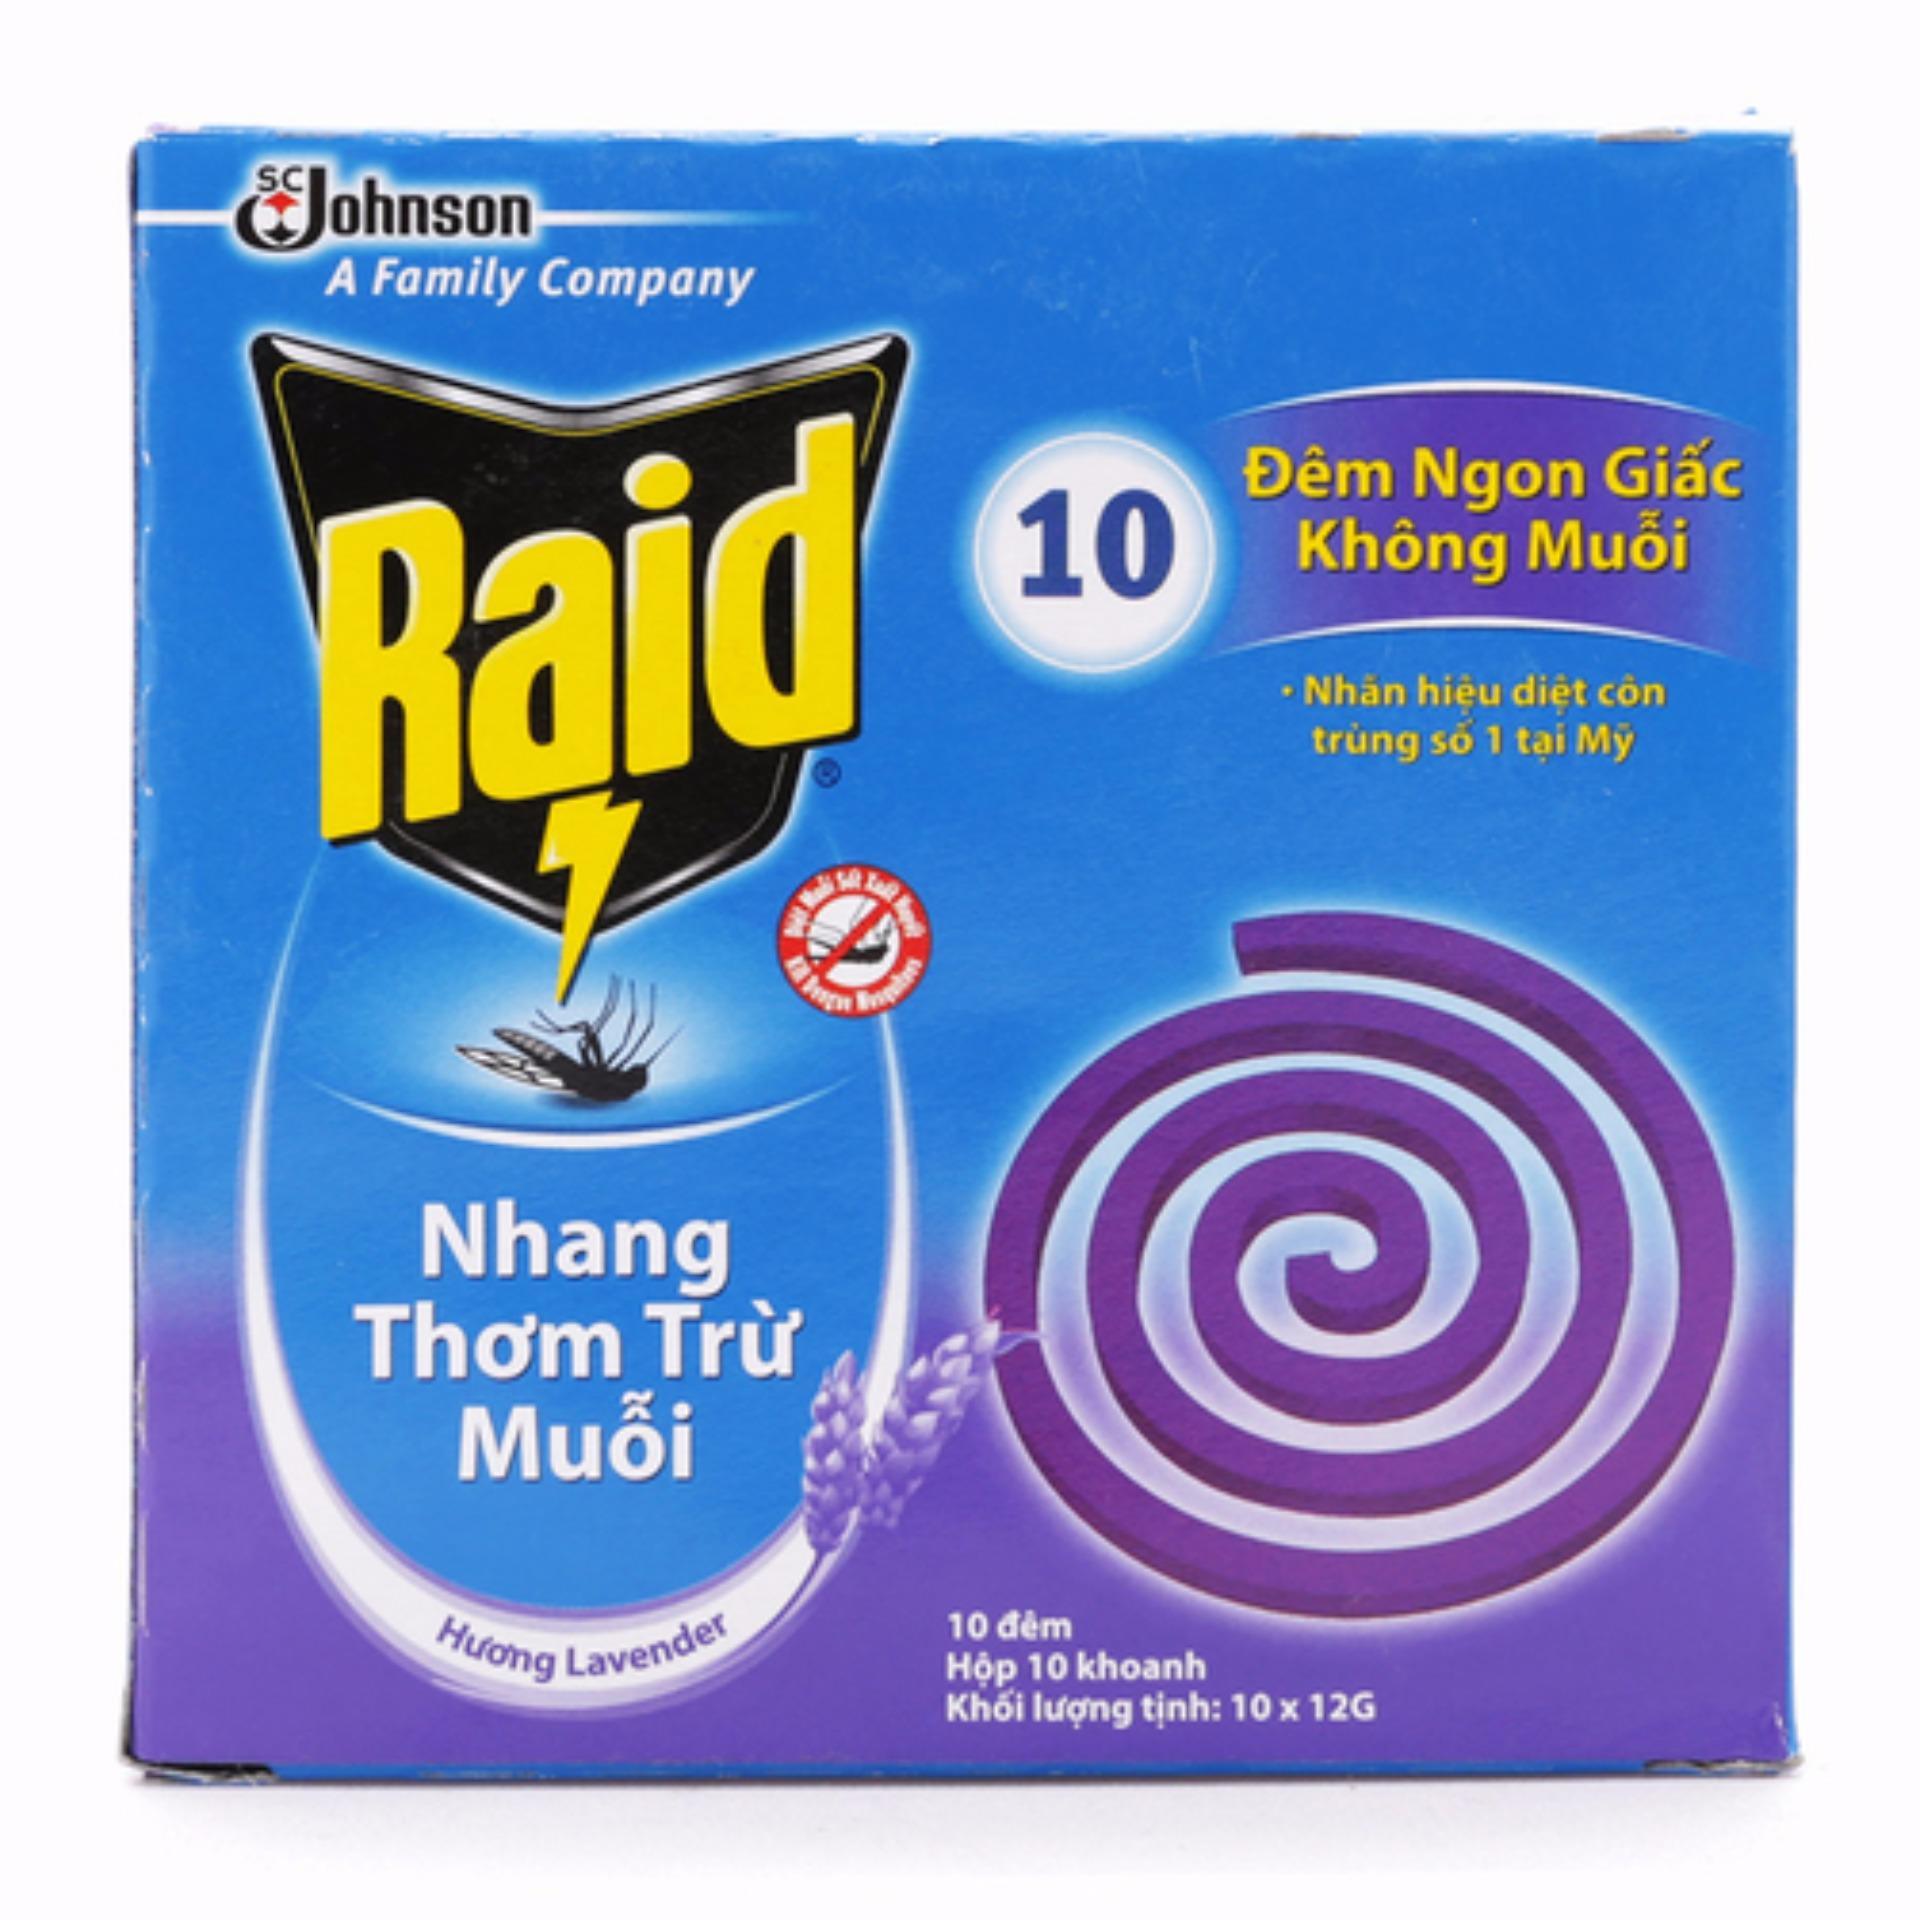 Giá bán Nhang diệt muỗi hương Lavender